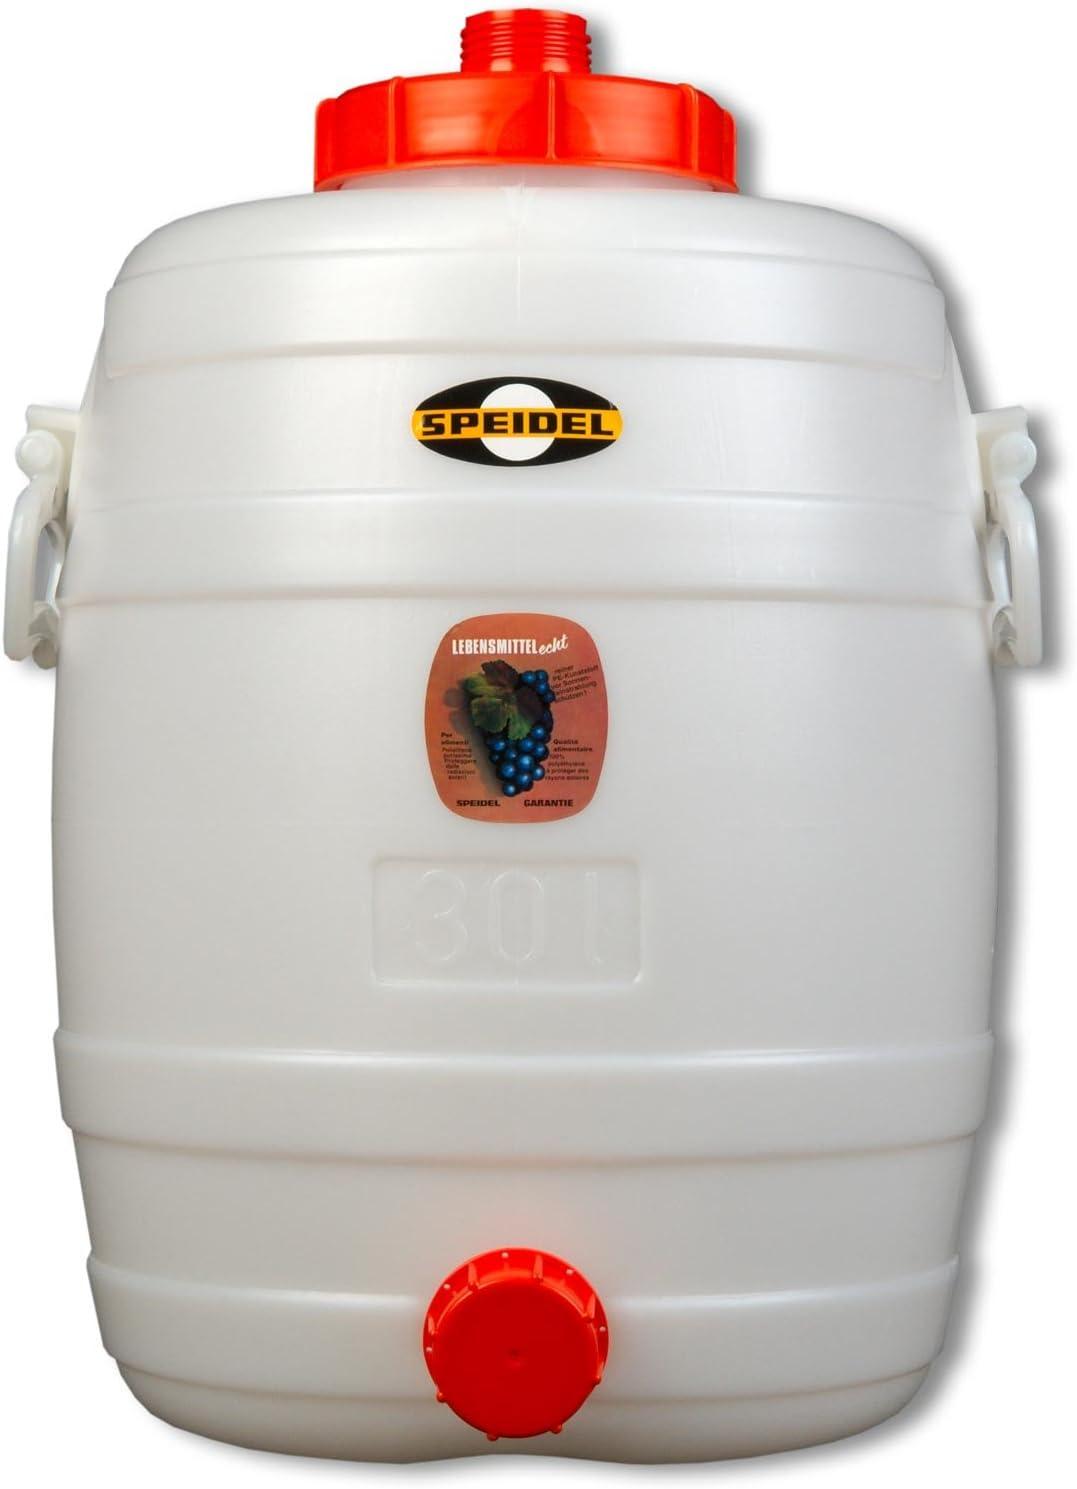 robinet de fermentation en plastique et seau dembouteillage pour brassage de bi/ère maison Lot de 2 robinets en plastique rouge